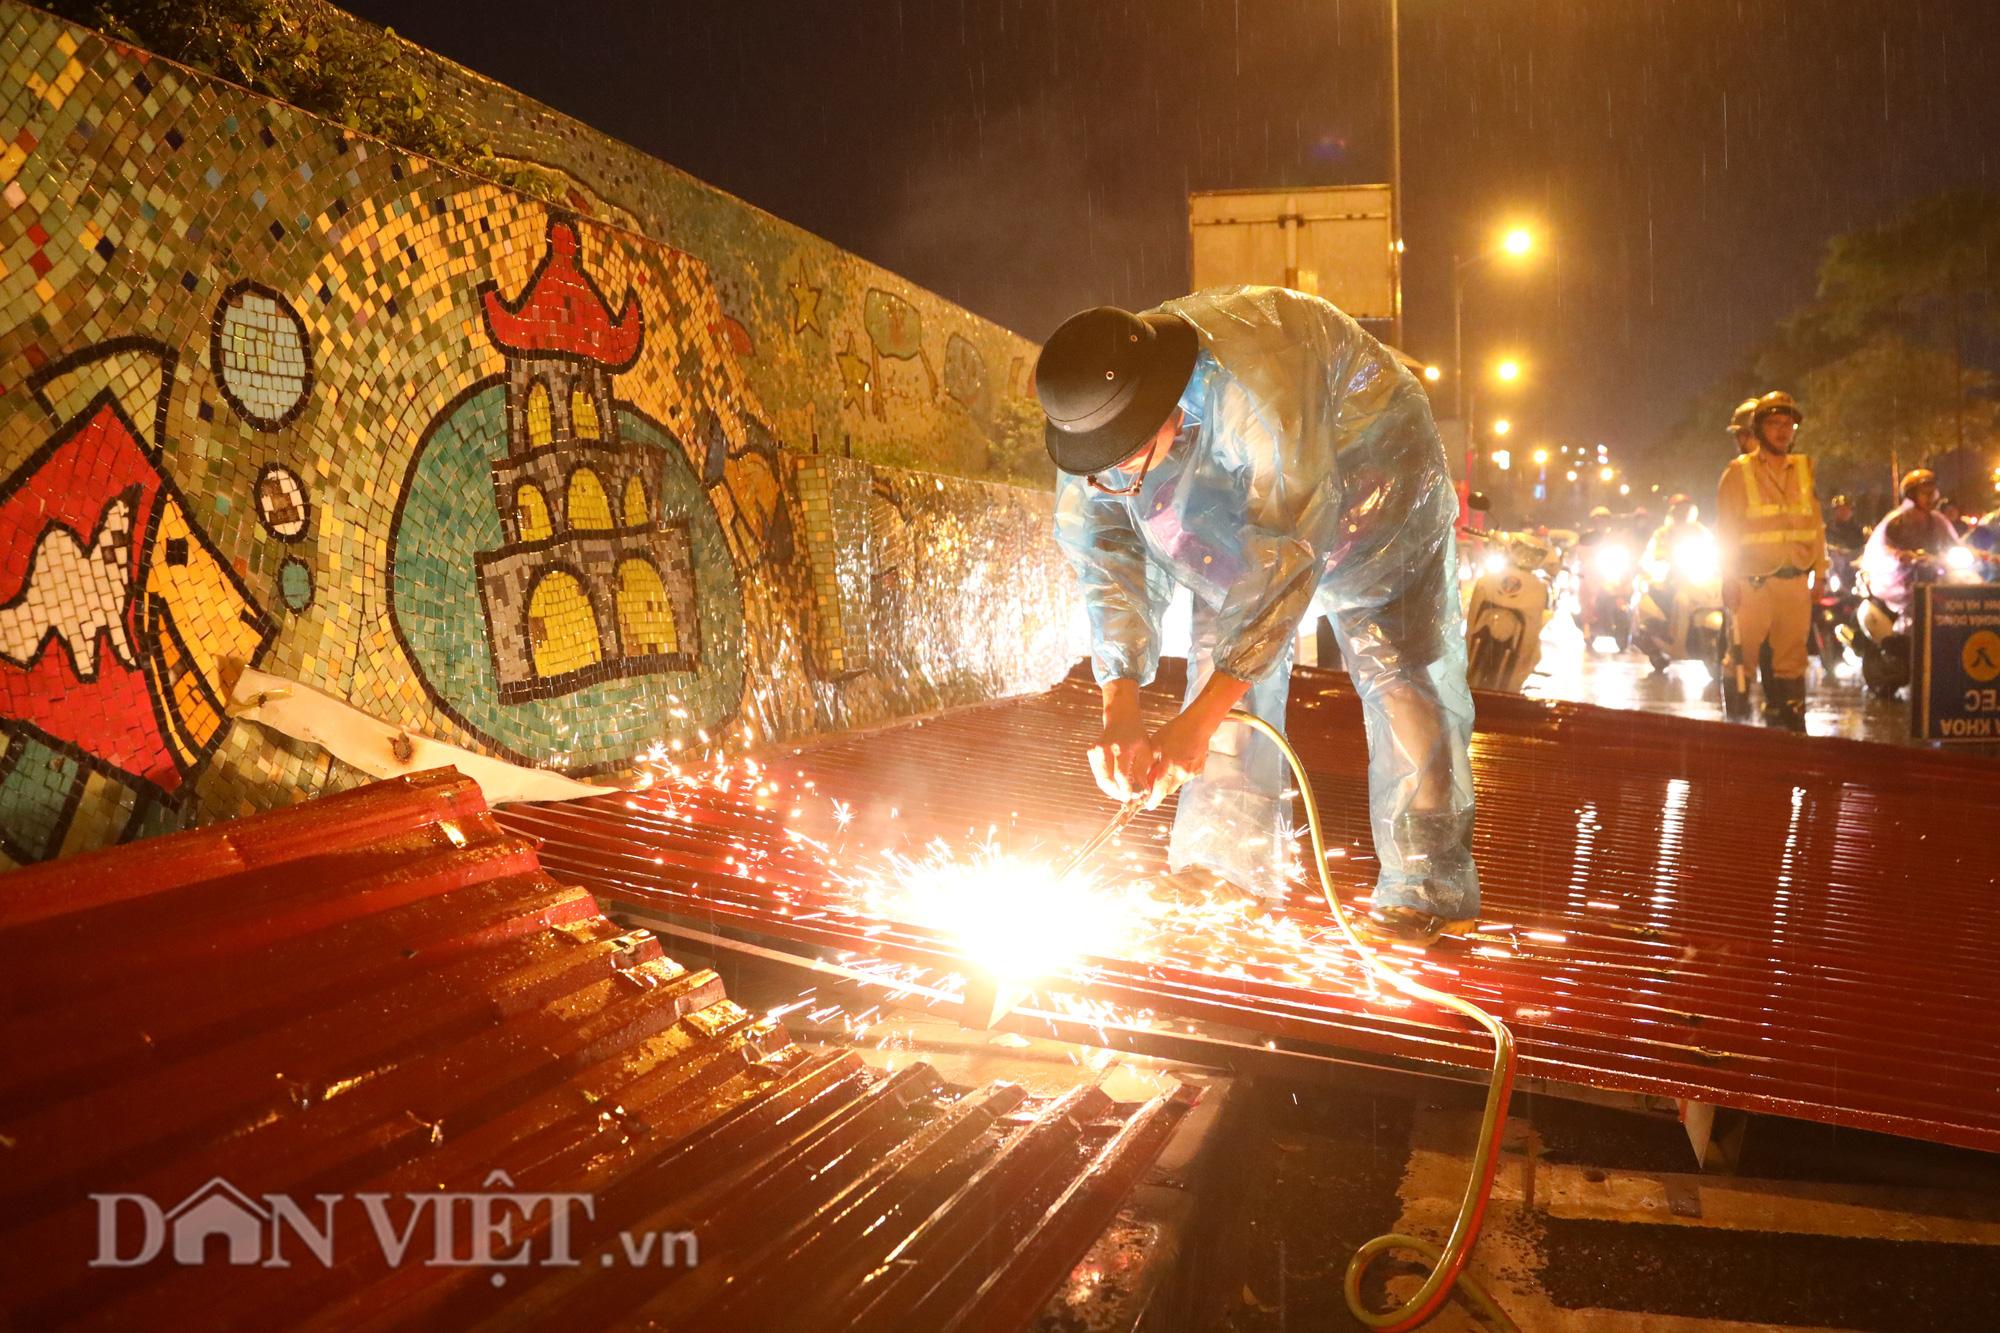 Đội mưa giông dọn mái tôn bay xuống giữa đường gốm sứ Hà Nội - Ảnh 4.